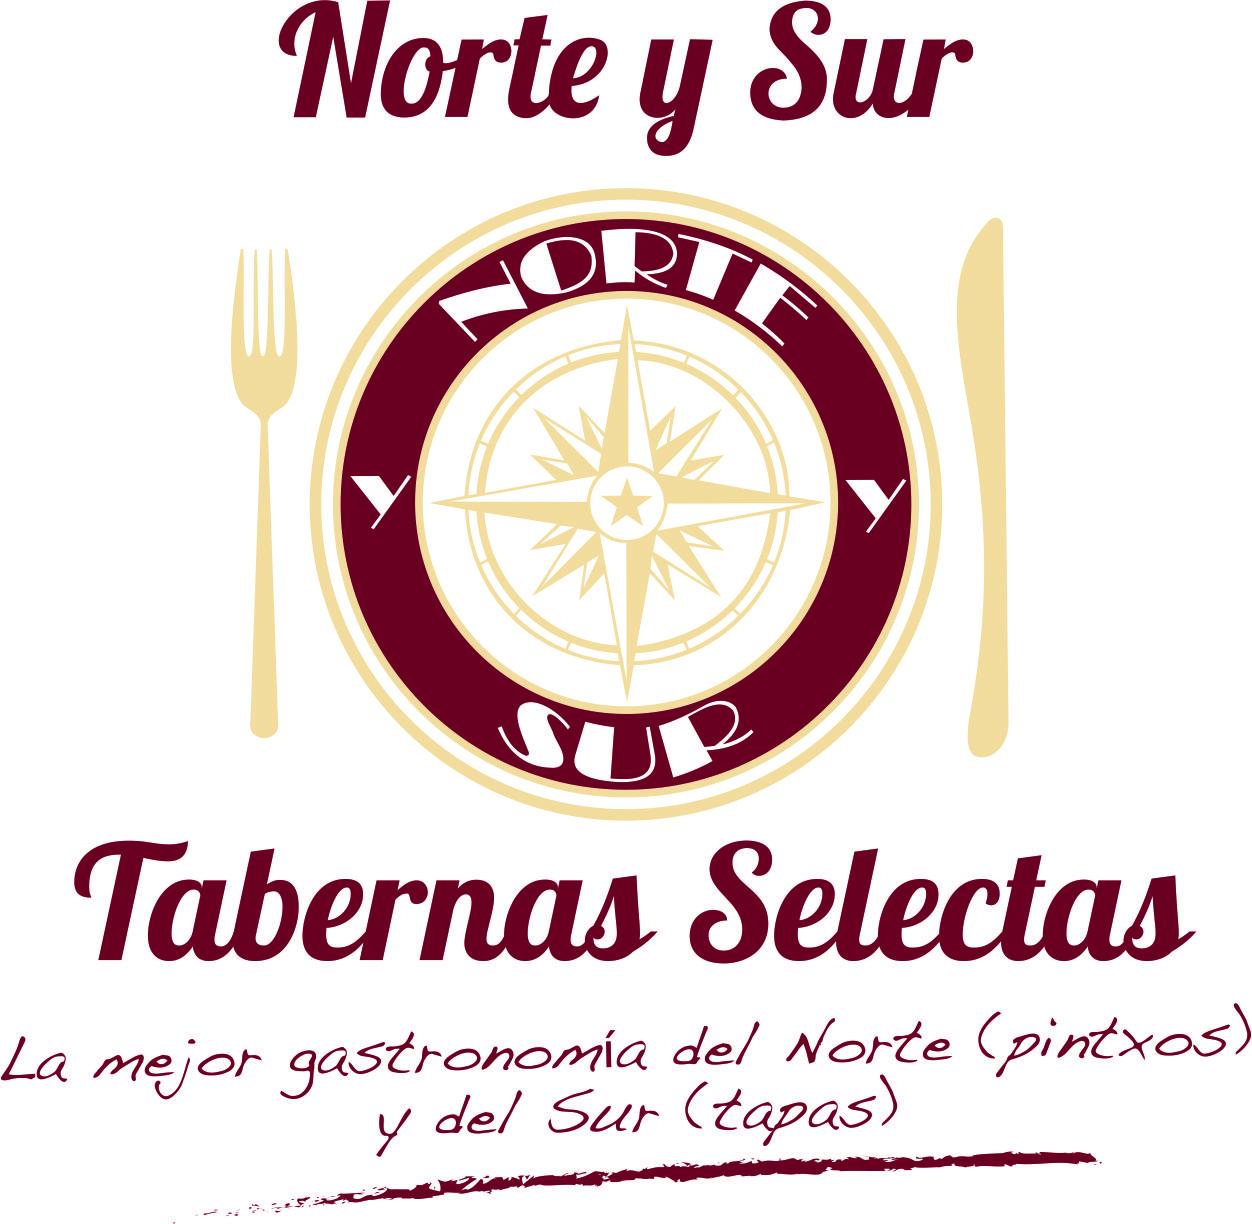 Tabernas Selectas Norte y Sur